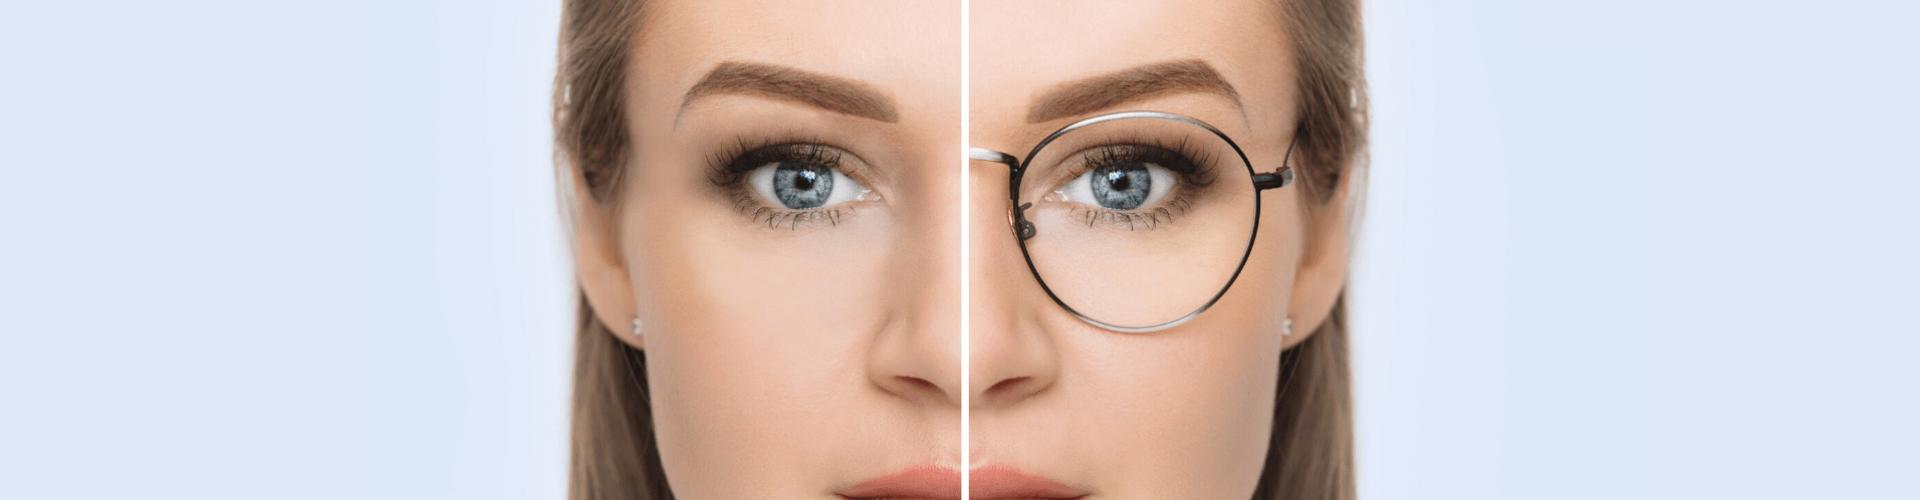 Szemüvegre előbb-utóbb mindenkinek szüksége lesz